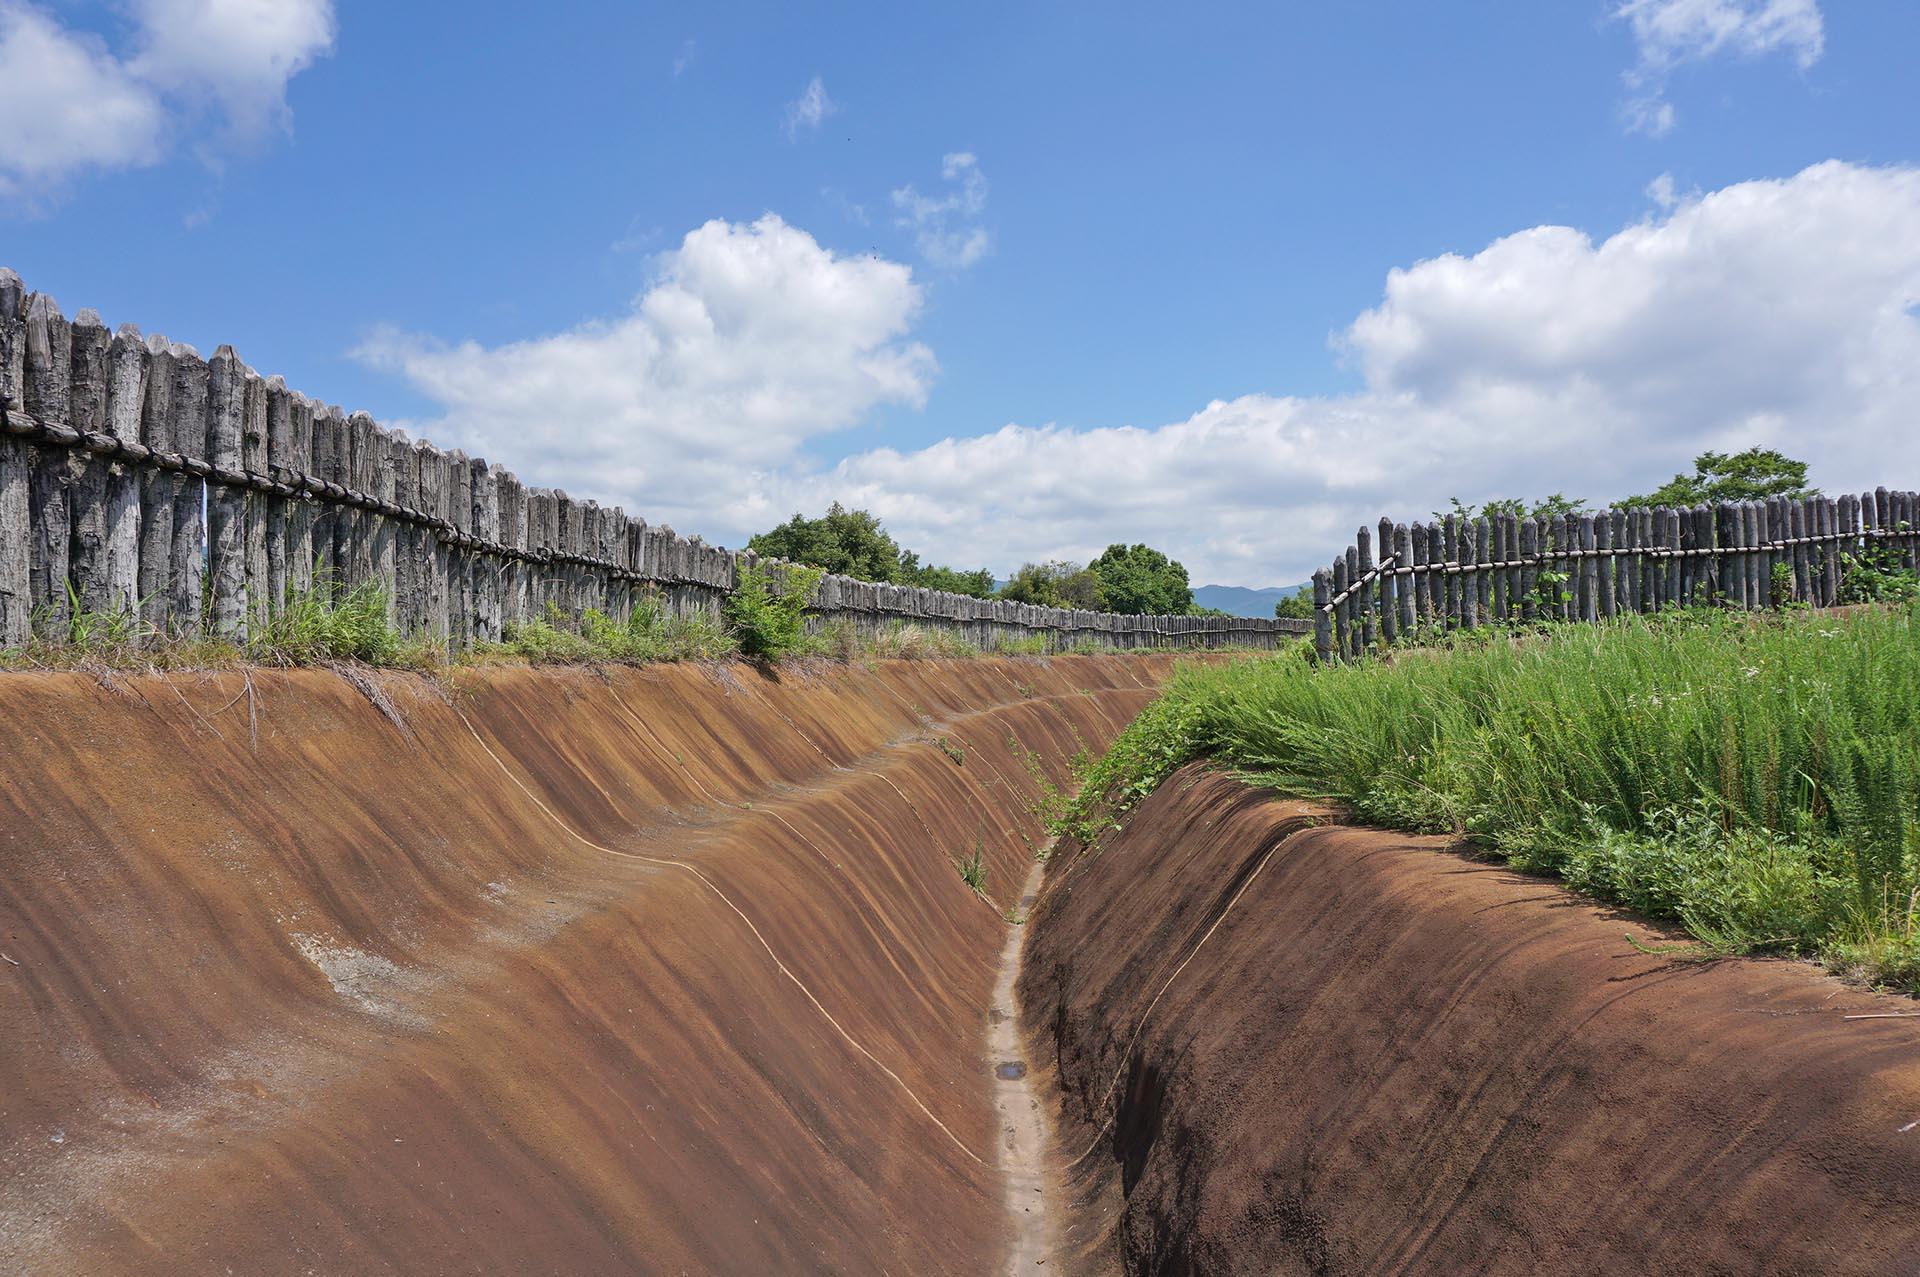 南内郭の内壕